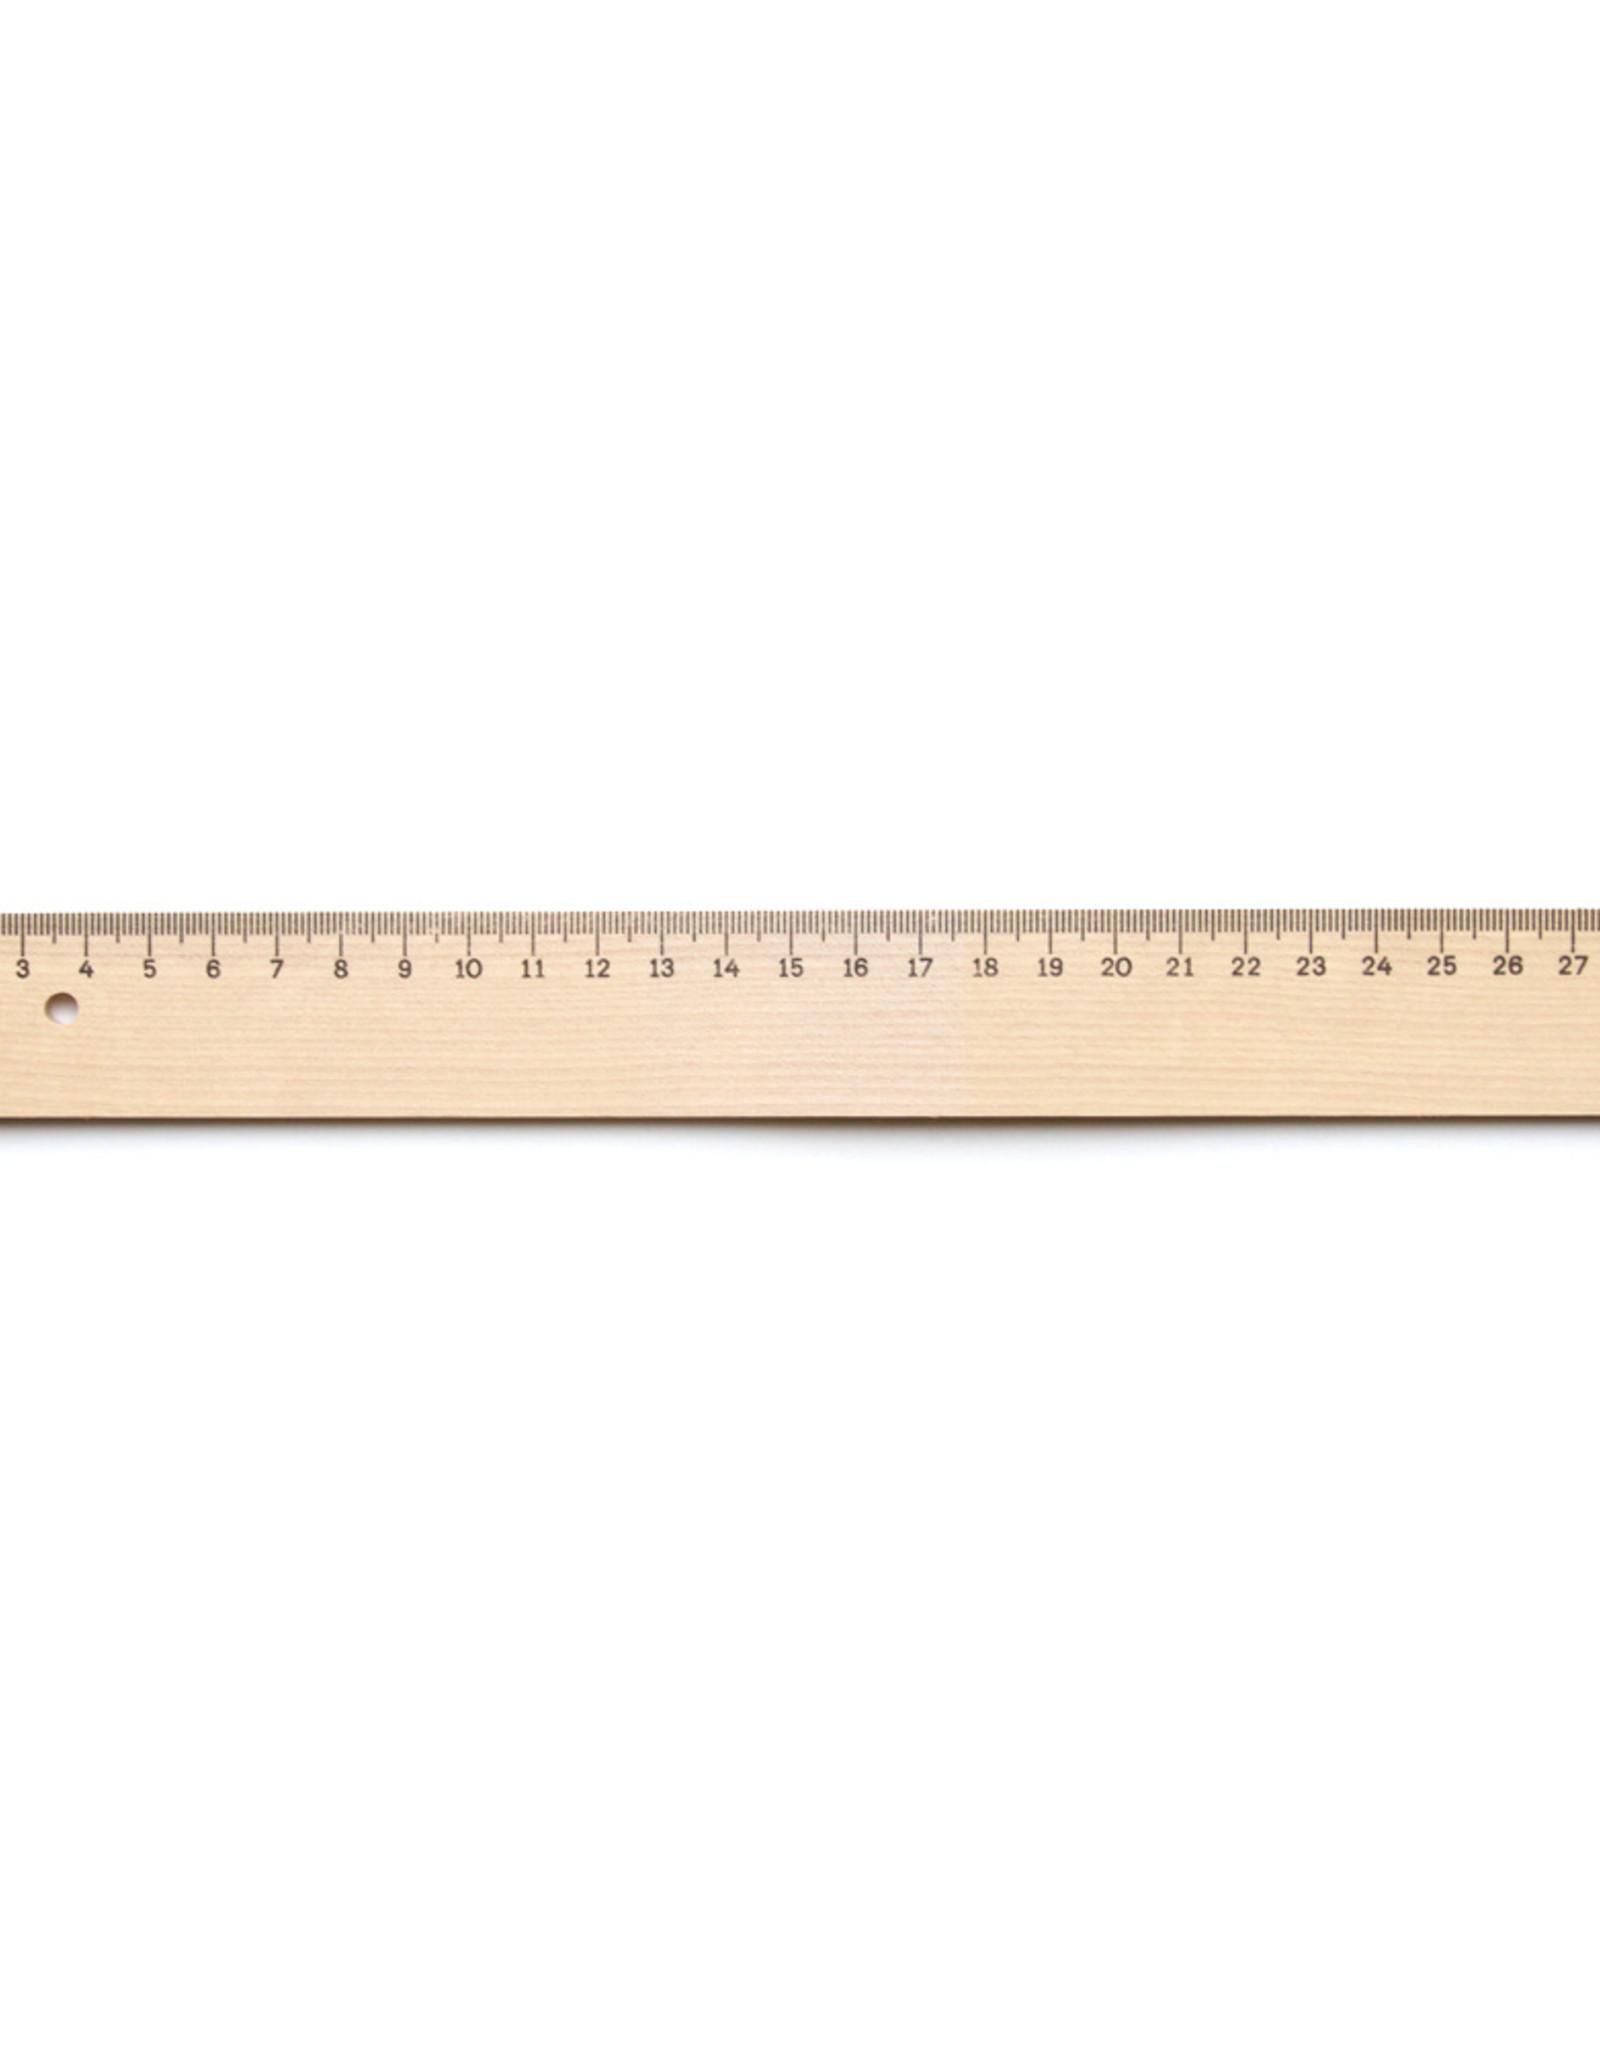 Mobius Ruppert 3 stuks Liniaal Hout Aristo 30 cm met verdeling en metalen inleg